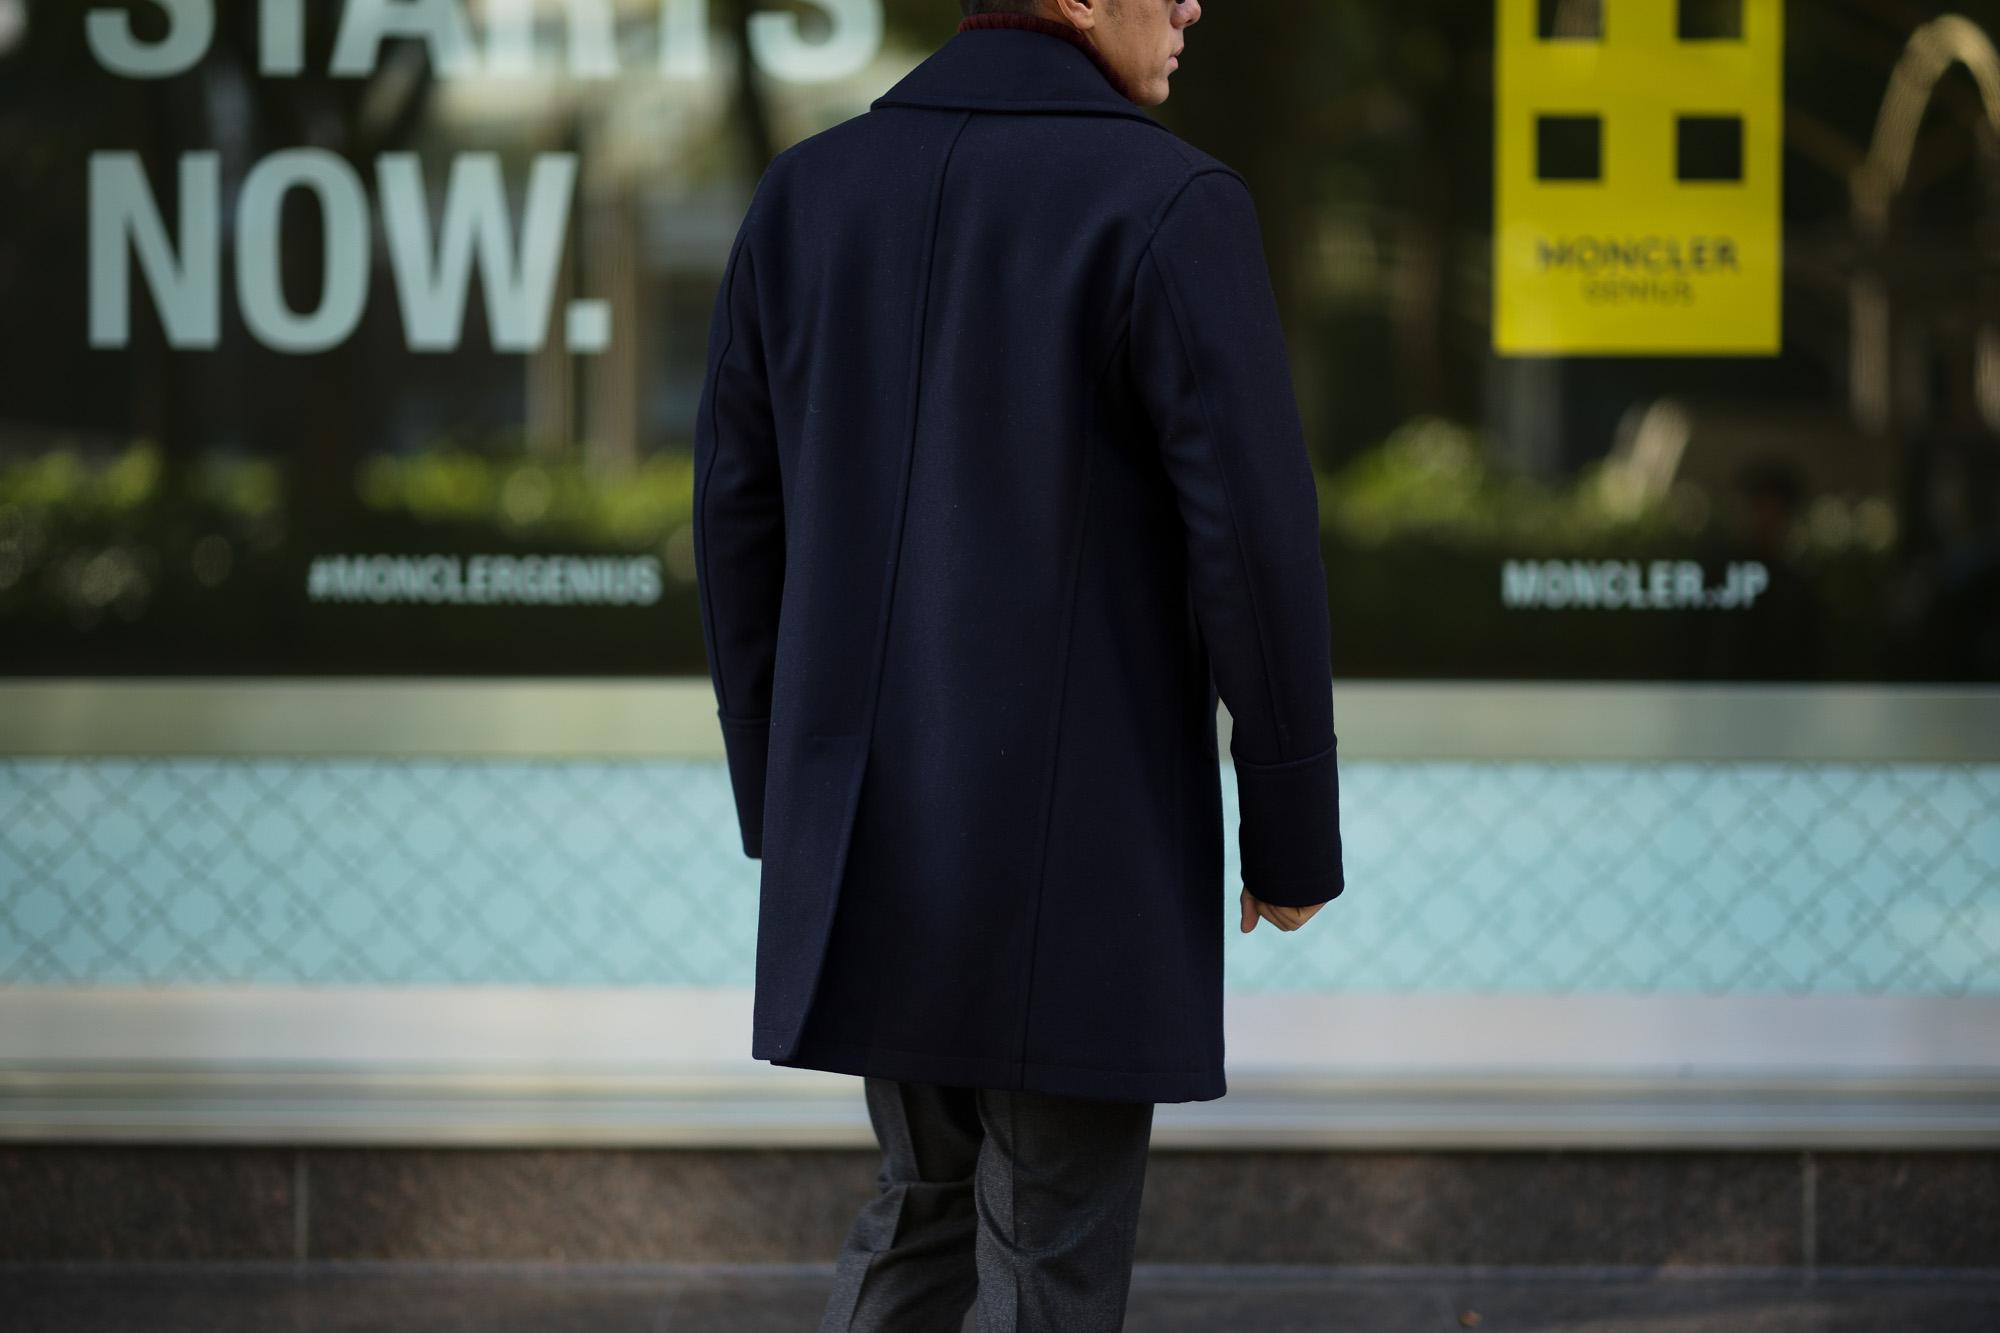 Sealup(シーラップ) GENOVA(ジェノバ) 50002 7591 01 メルトンウール サーモアライニング ロングPコート  NAVY (ネイビー・01) MADE IN ITALY(イタリア製) 2018 秋冬新作 シーラップ 愛知 名古屋 Alto e Diritto アルト エ デリット Pコート コート coat